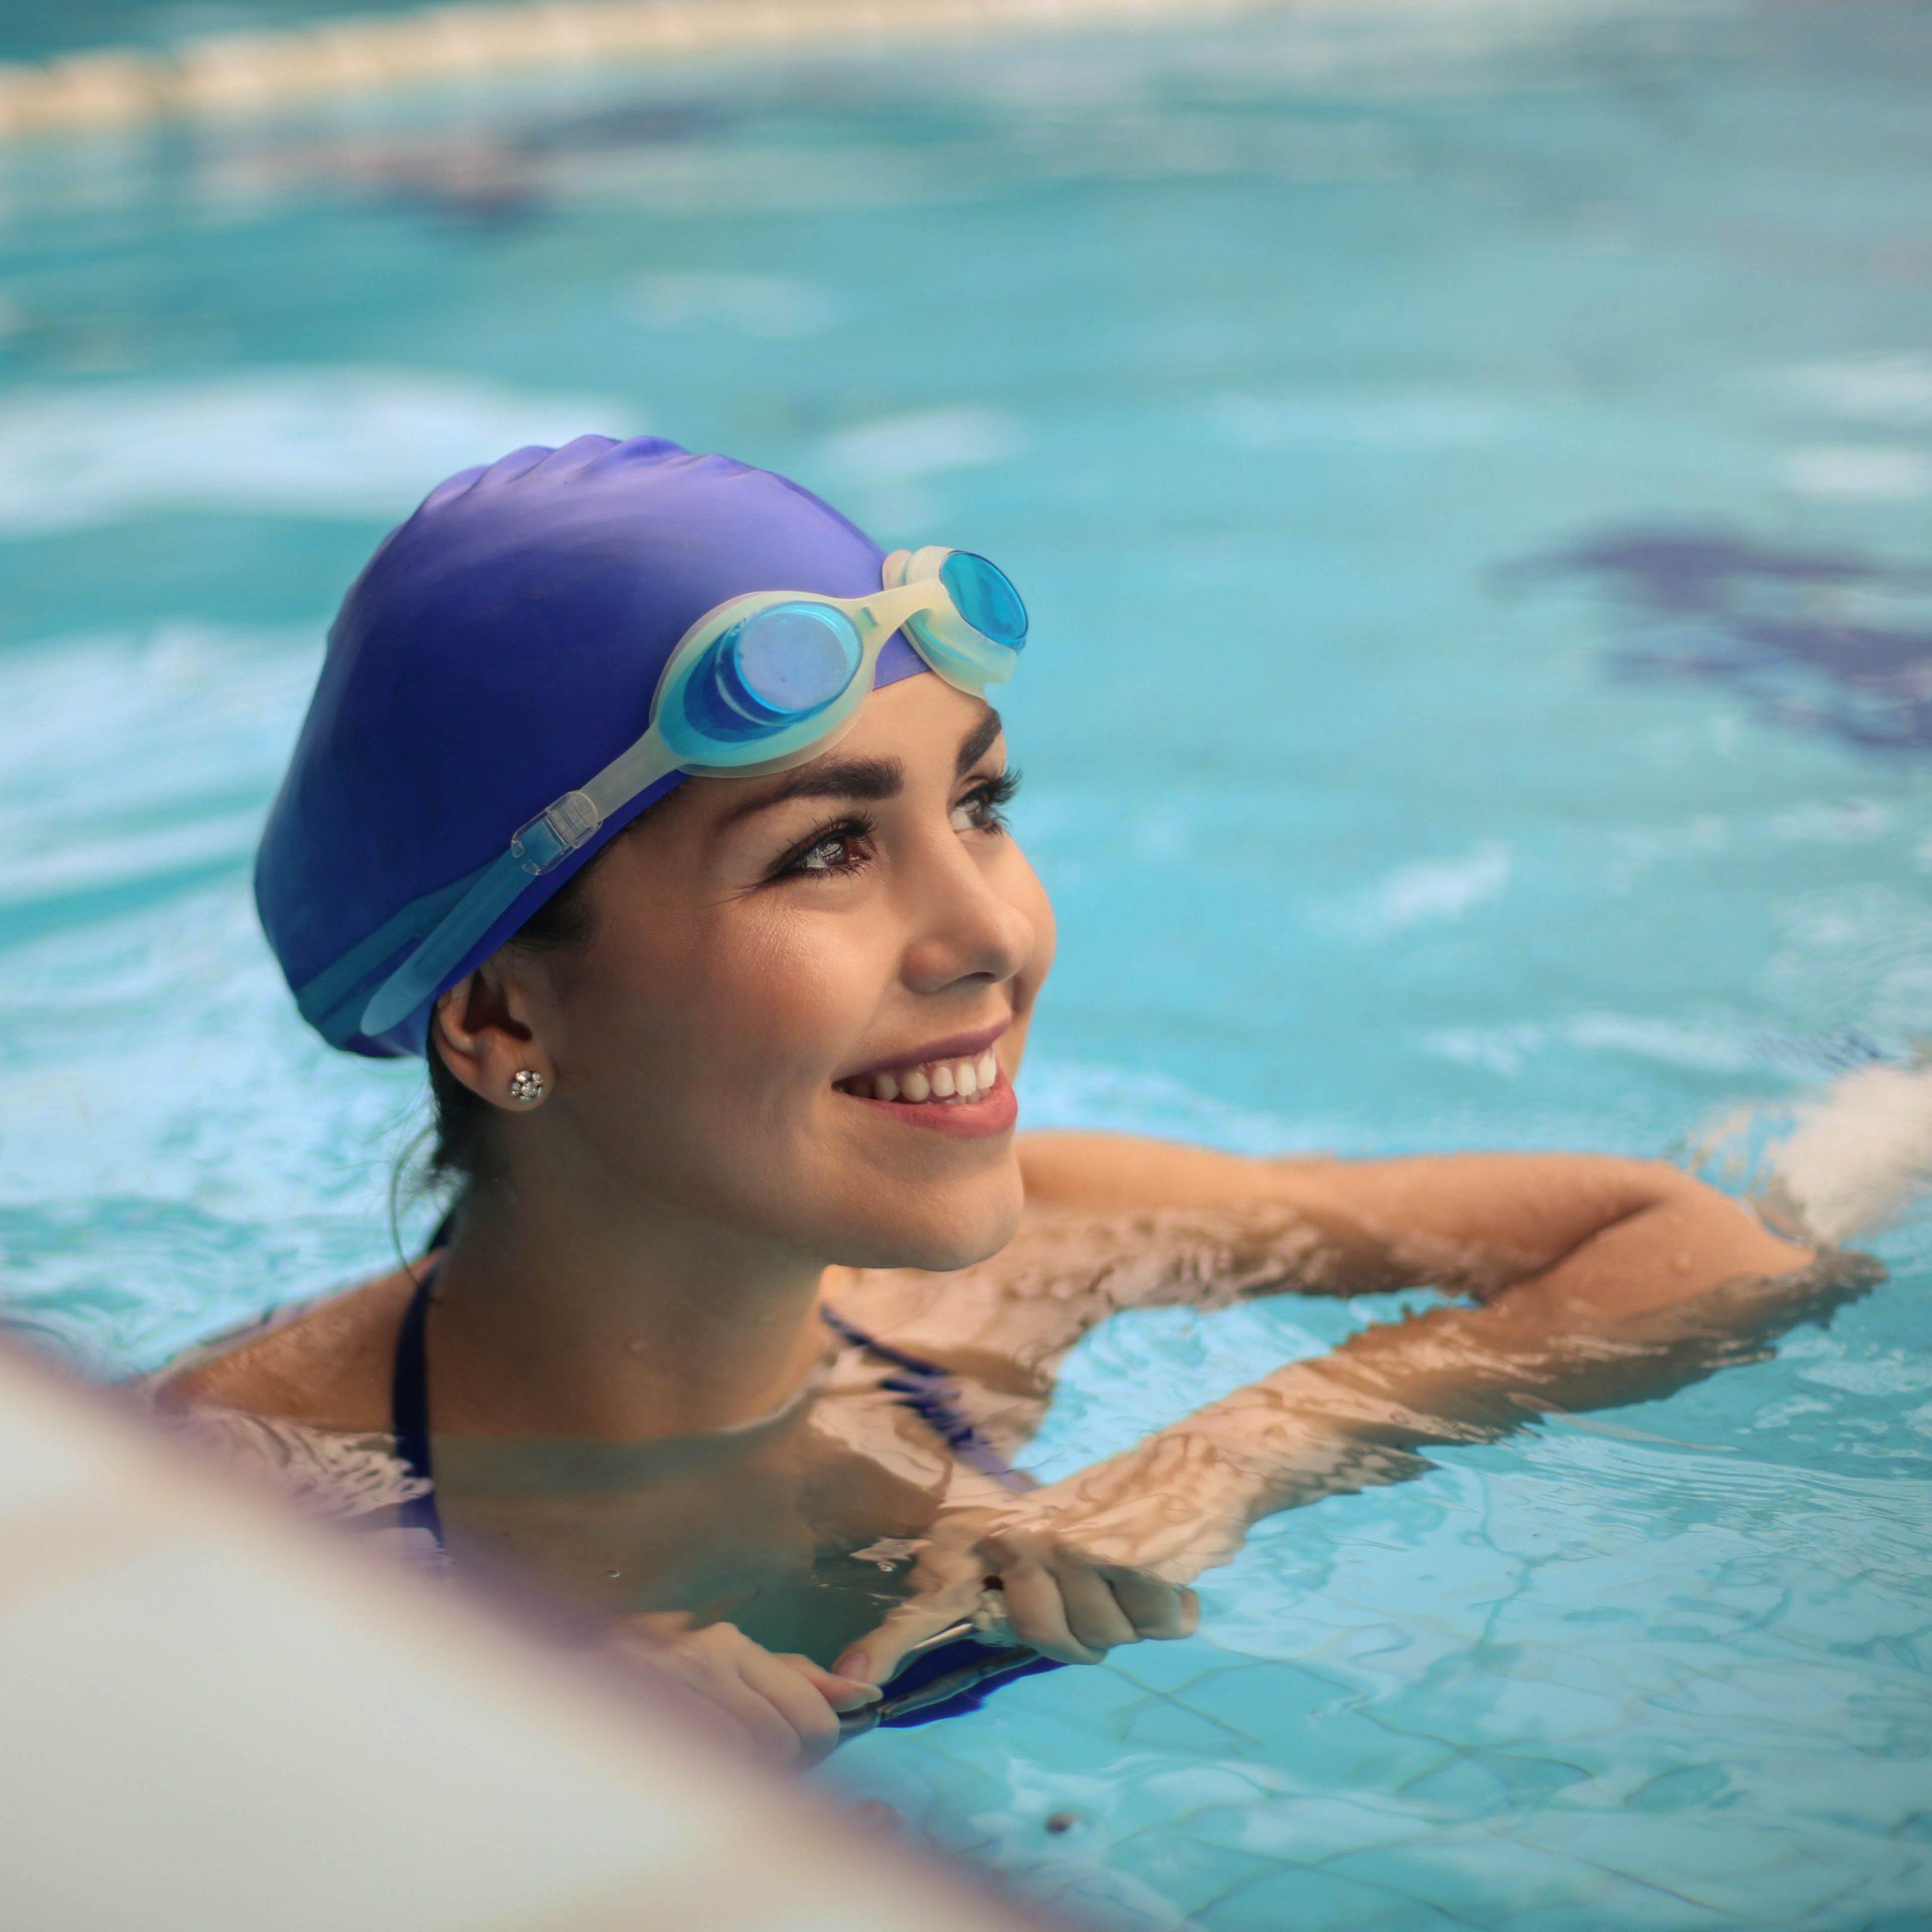 zwembrillen op sterkte zwembril optiek de groeve herent opticien